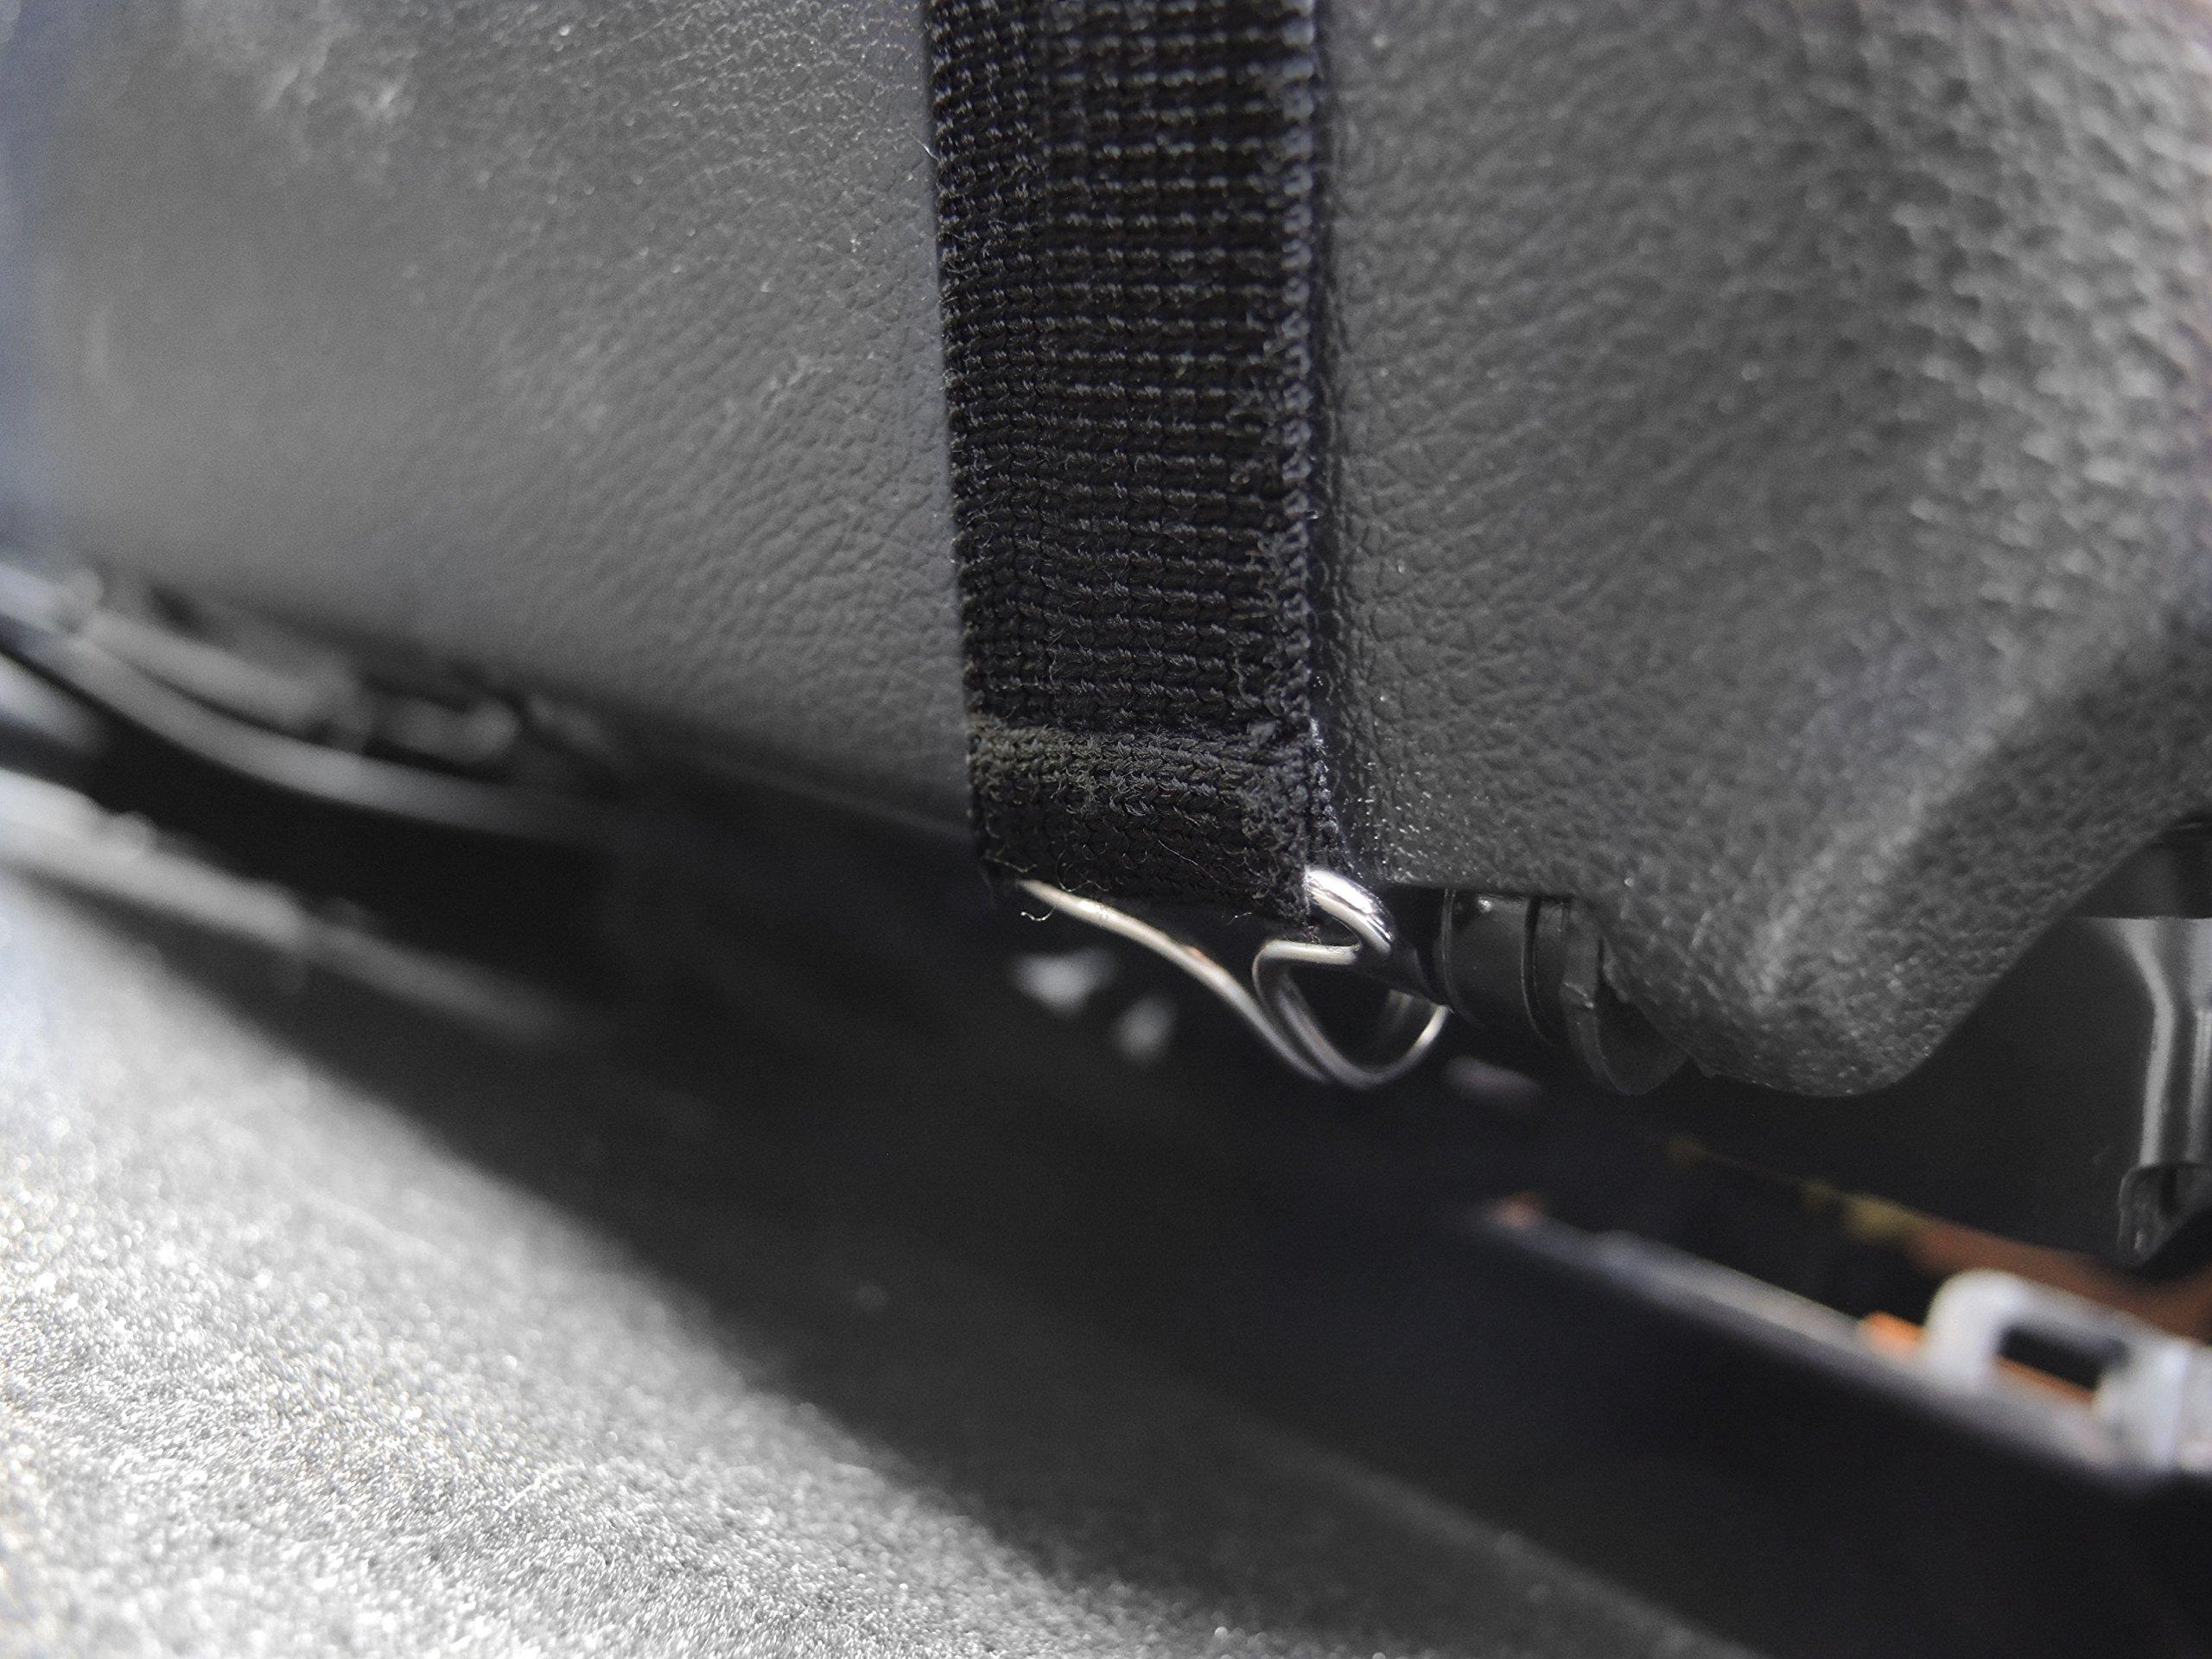 Copri-sedile auto riscaldato universali | kit riscaldamento sedili anteriori | calore rapido a 2 livelli | caldo costante e veloce |MY SEAT HEATER TO GO | scalda sedile per autovettura camper camion